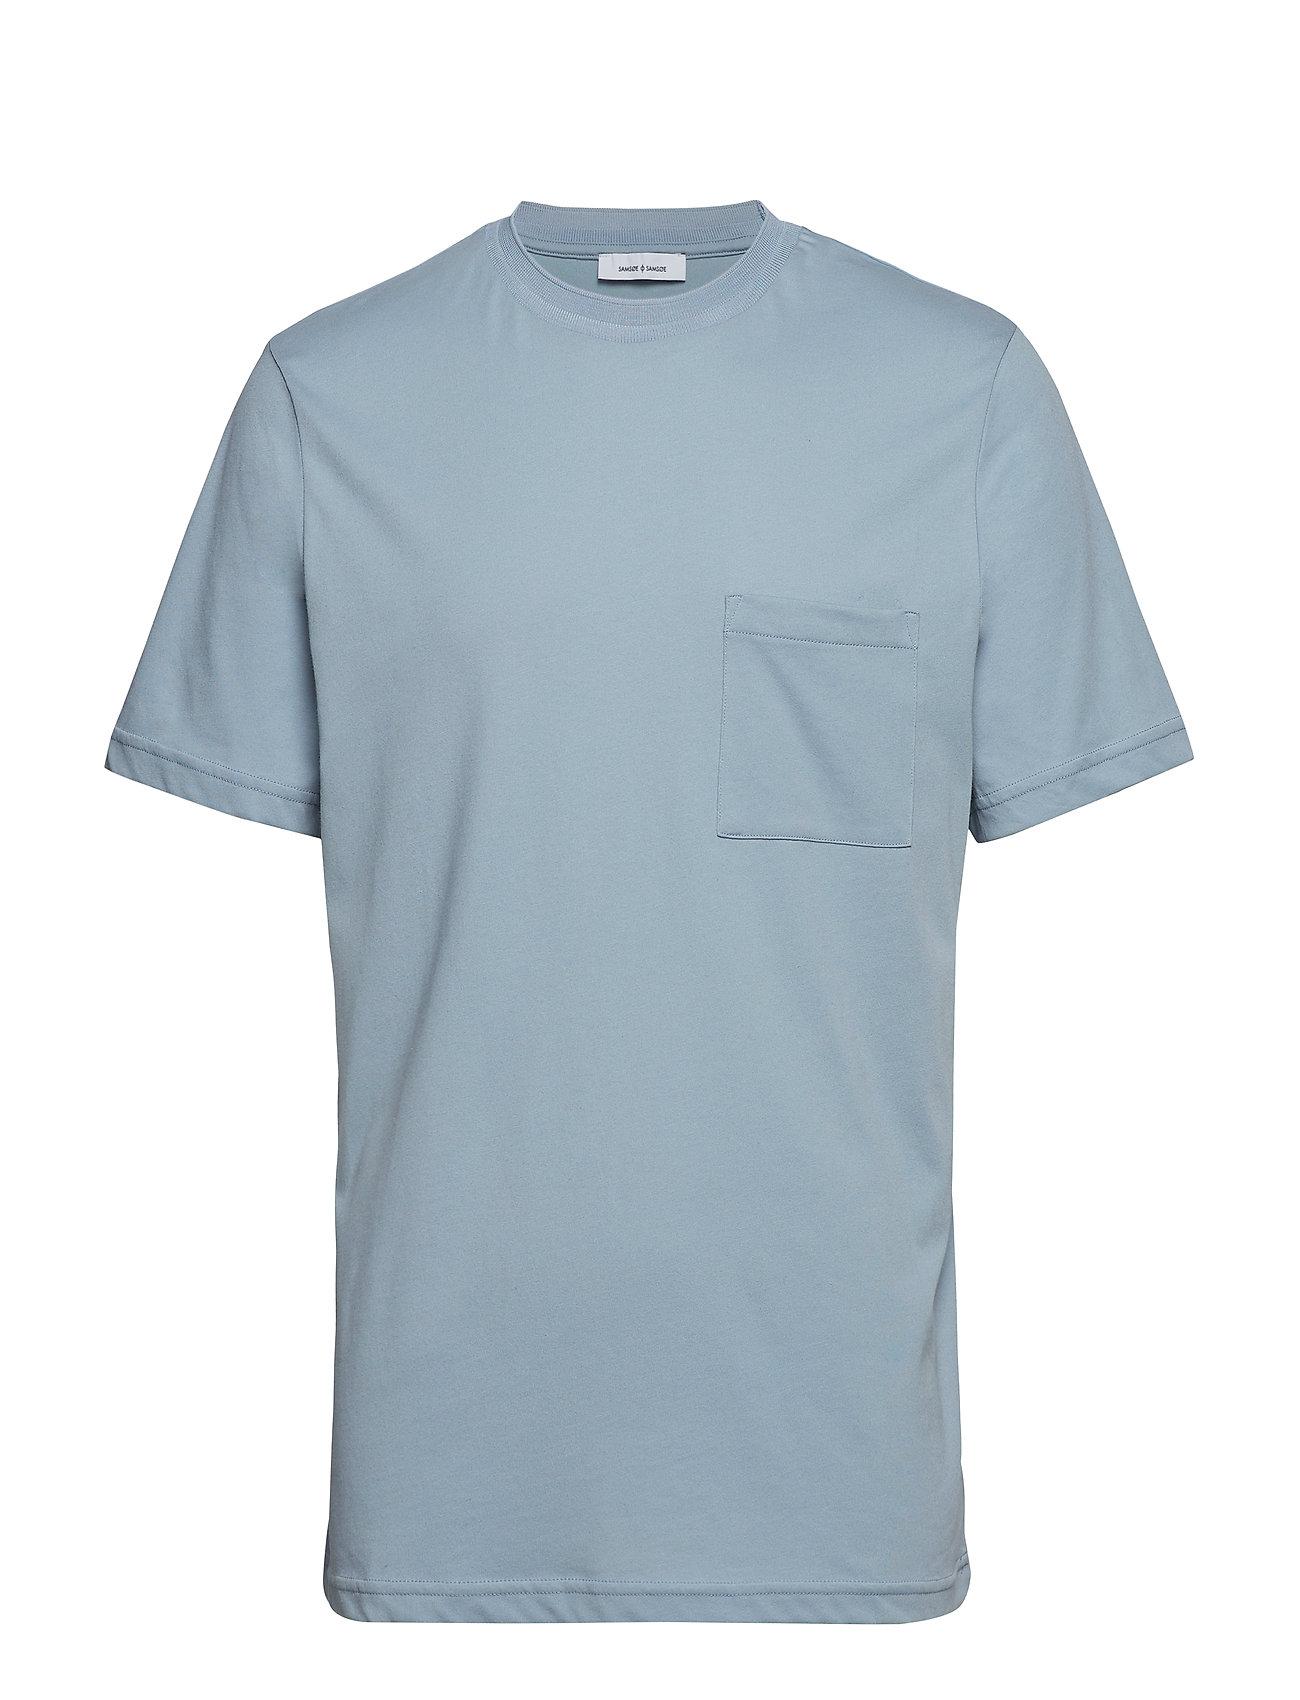 Samsøe & Samsøe Bevtoft t-shirt 10964 - BLUE FOG